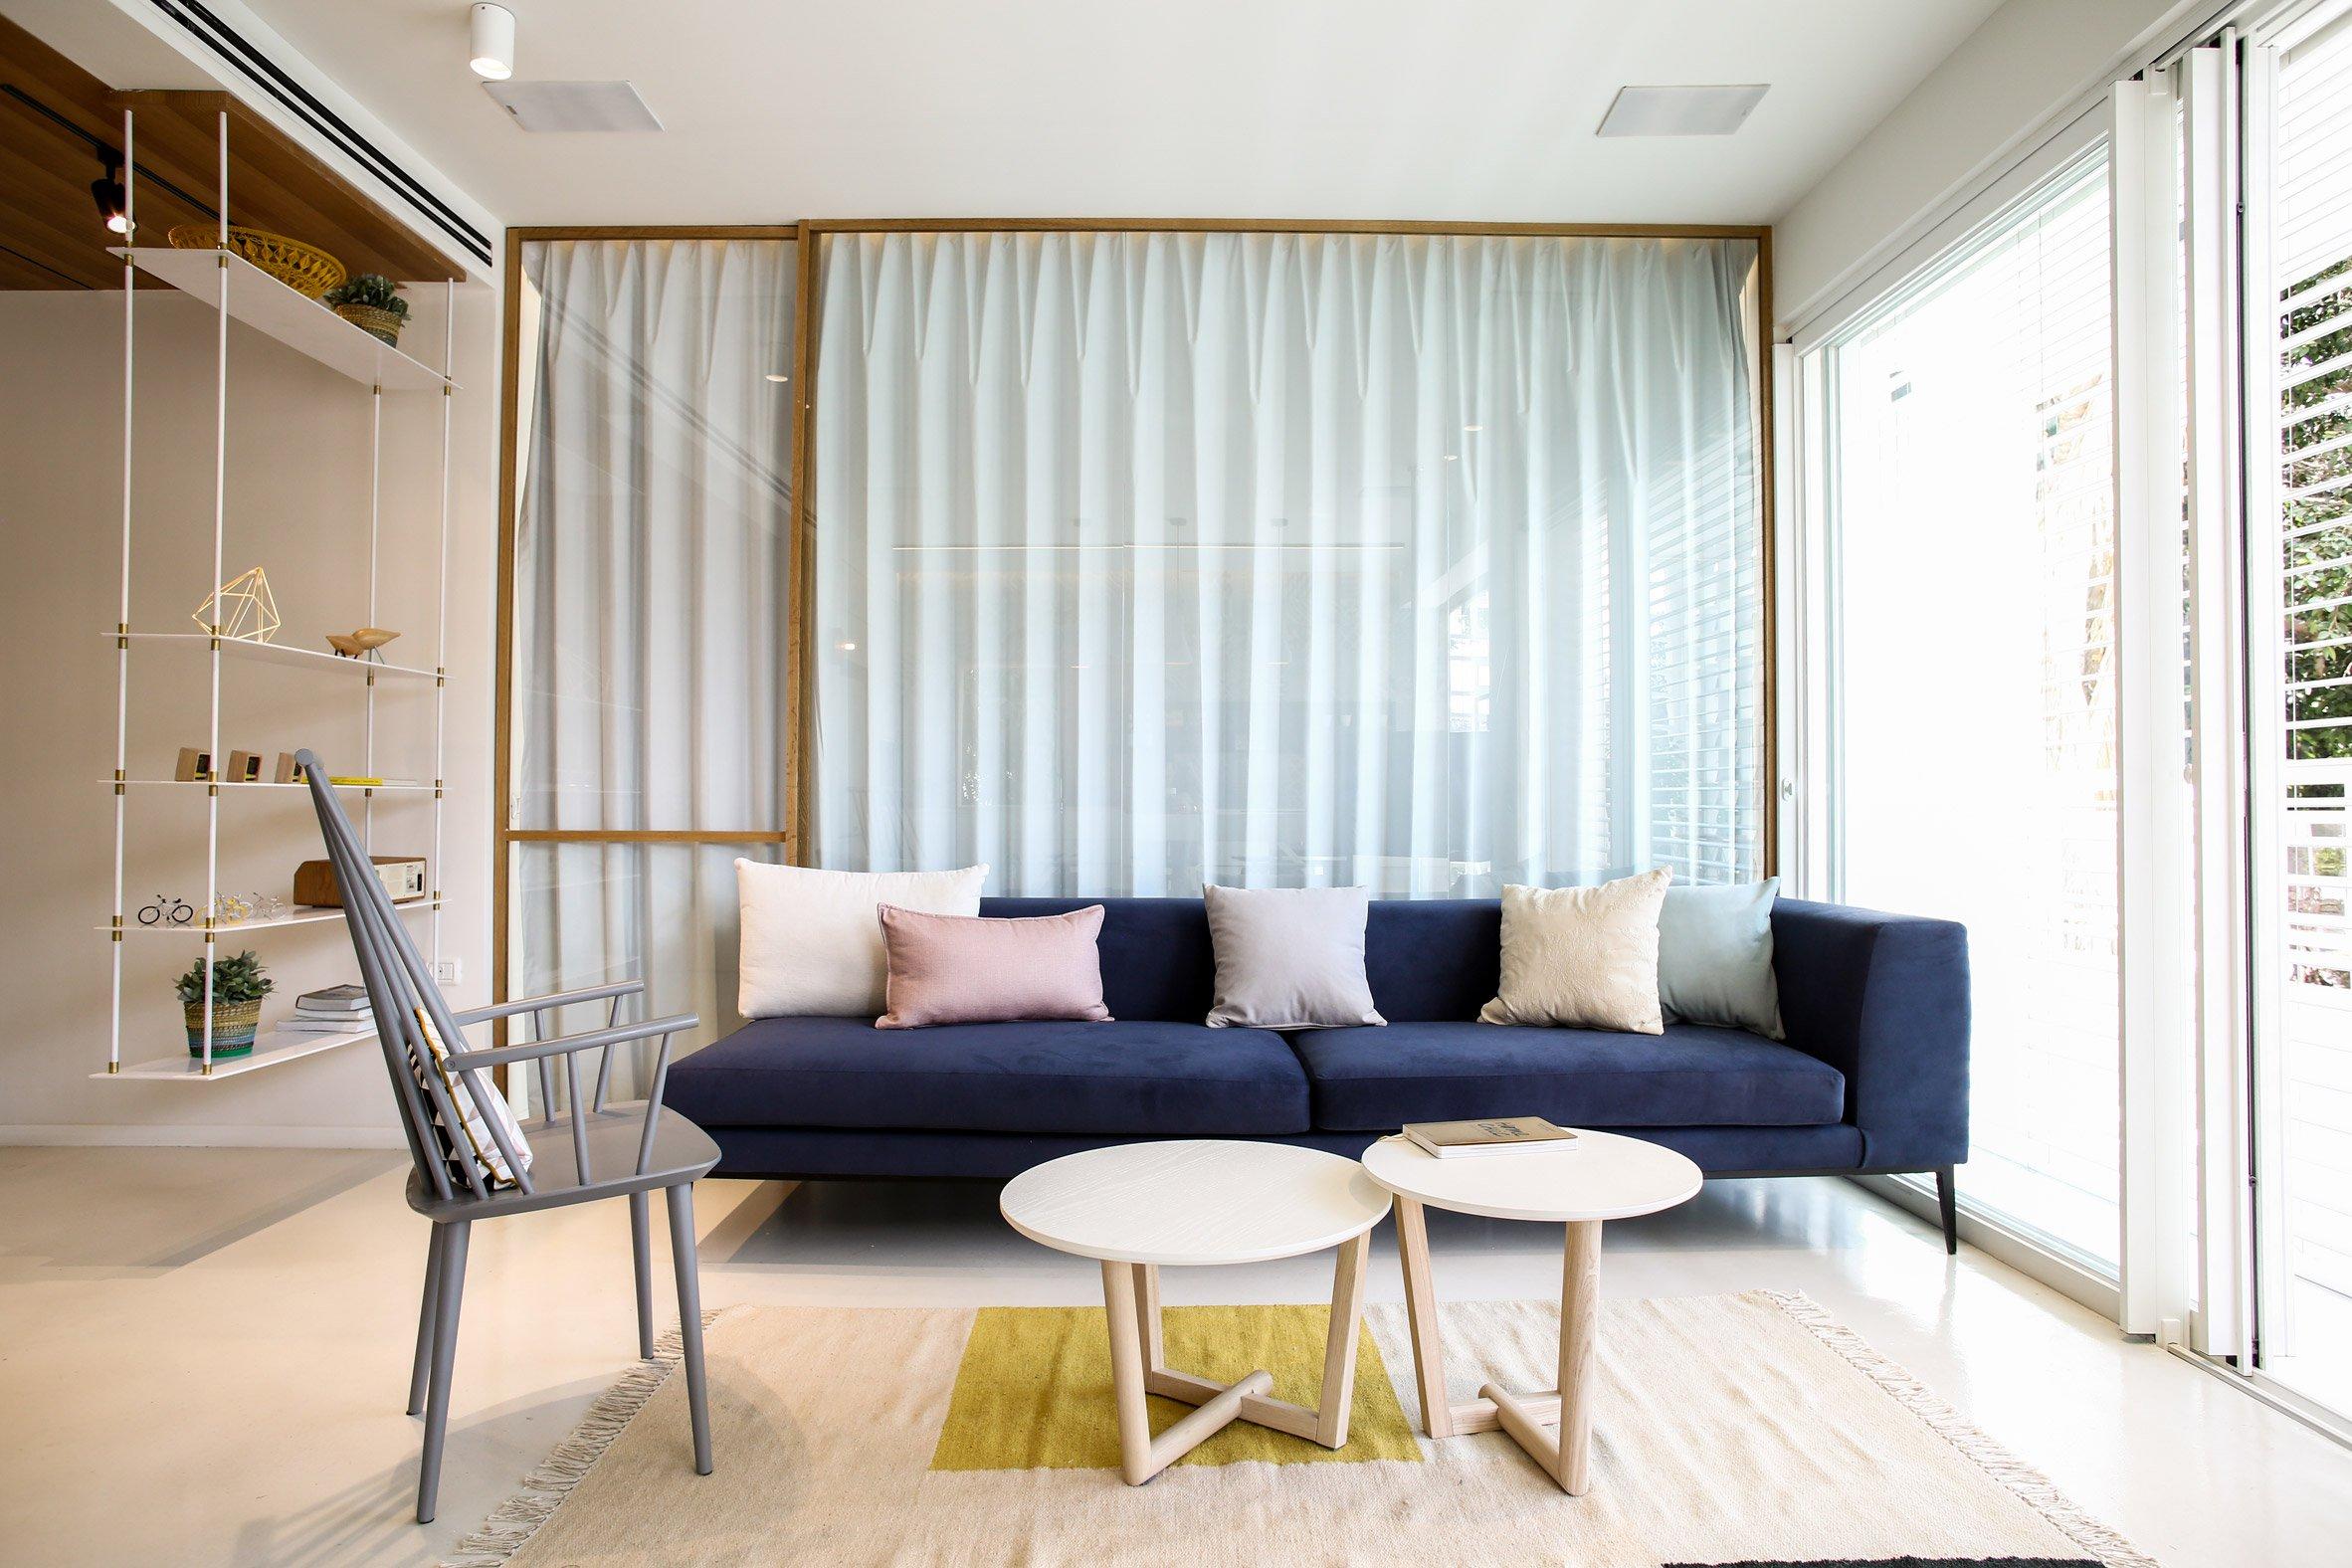 architecture-apartment-tel-aviv-design-studia-interiors-osnovadesign-osnova-poltava_04